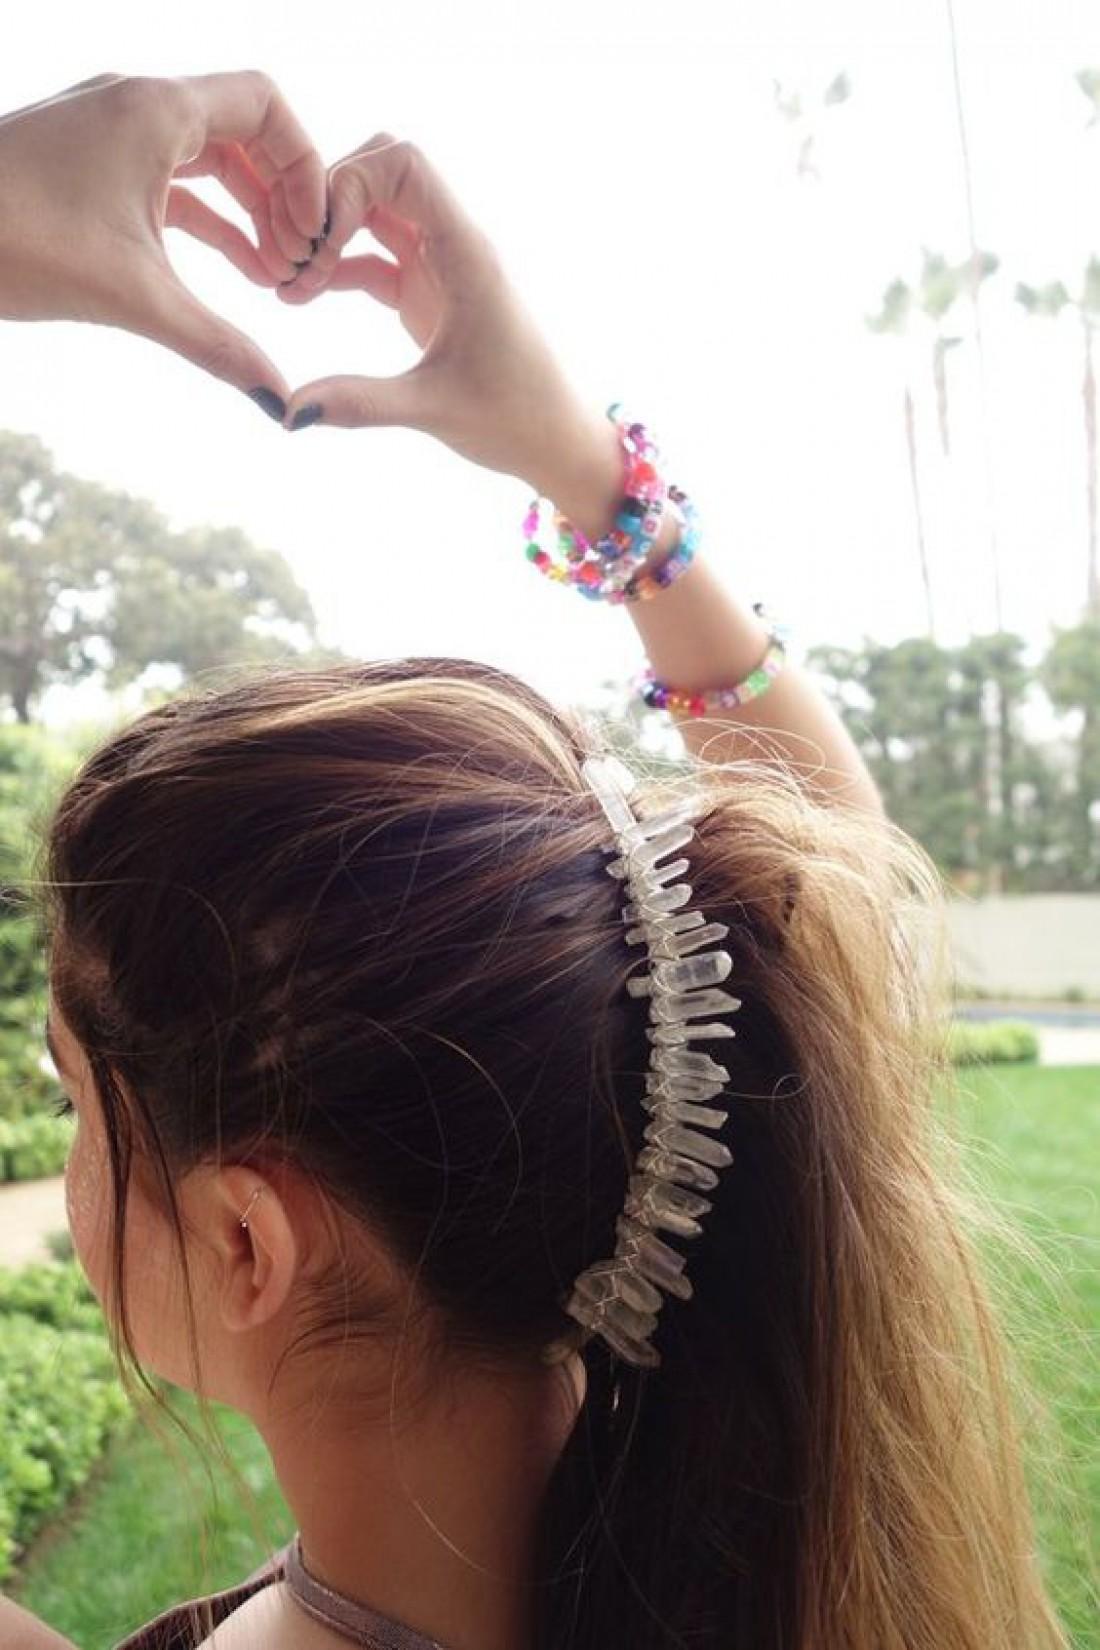 Большие заколки: Трендовое украшение для волос лета 2019